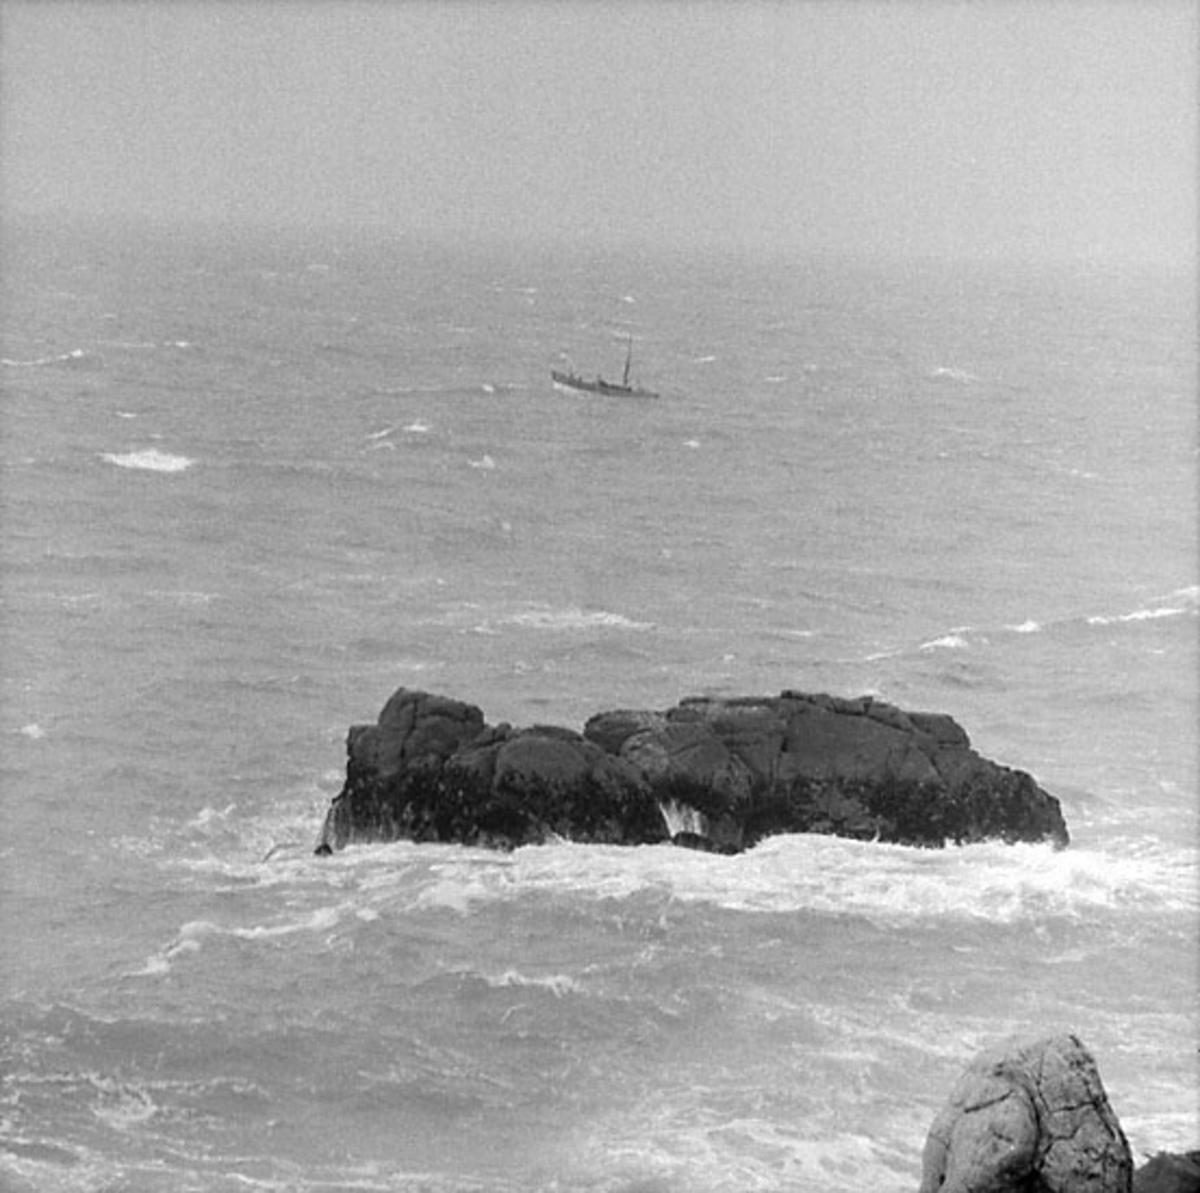 8. Frankrike. Fotojournal finns på B.M.A. + fotoalbum. Samtidigt förvärv: Böcker och arkivmaterial. Foton tagna mellan 1959-10-16 och 1959-10-17 12 Bilder i serie.